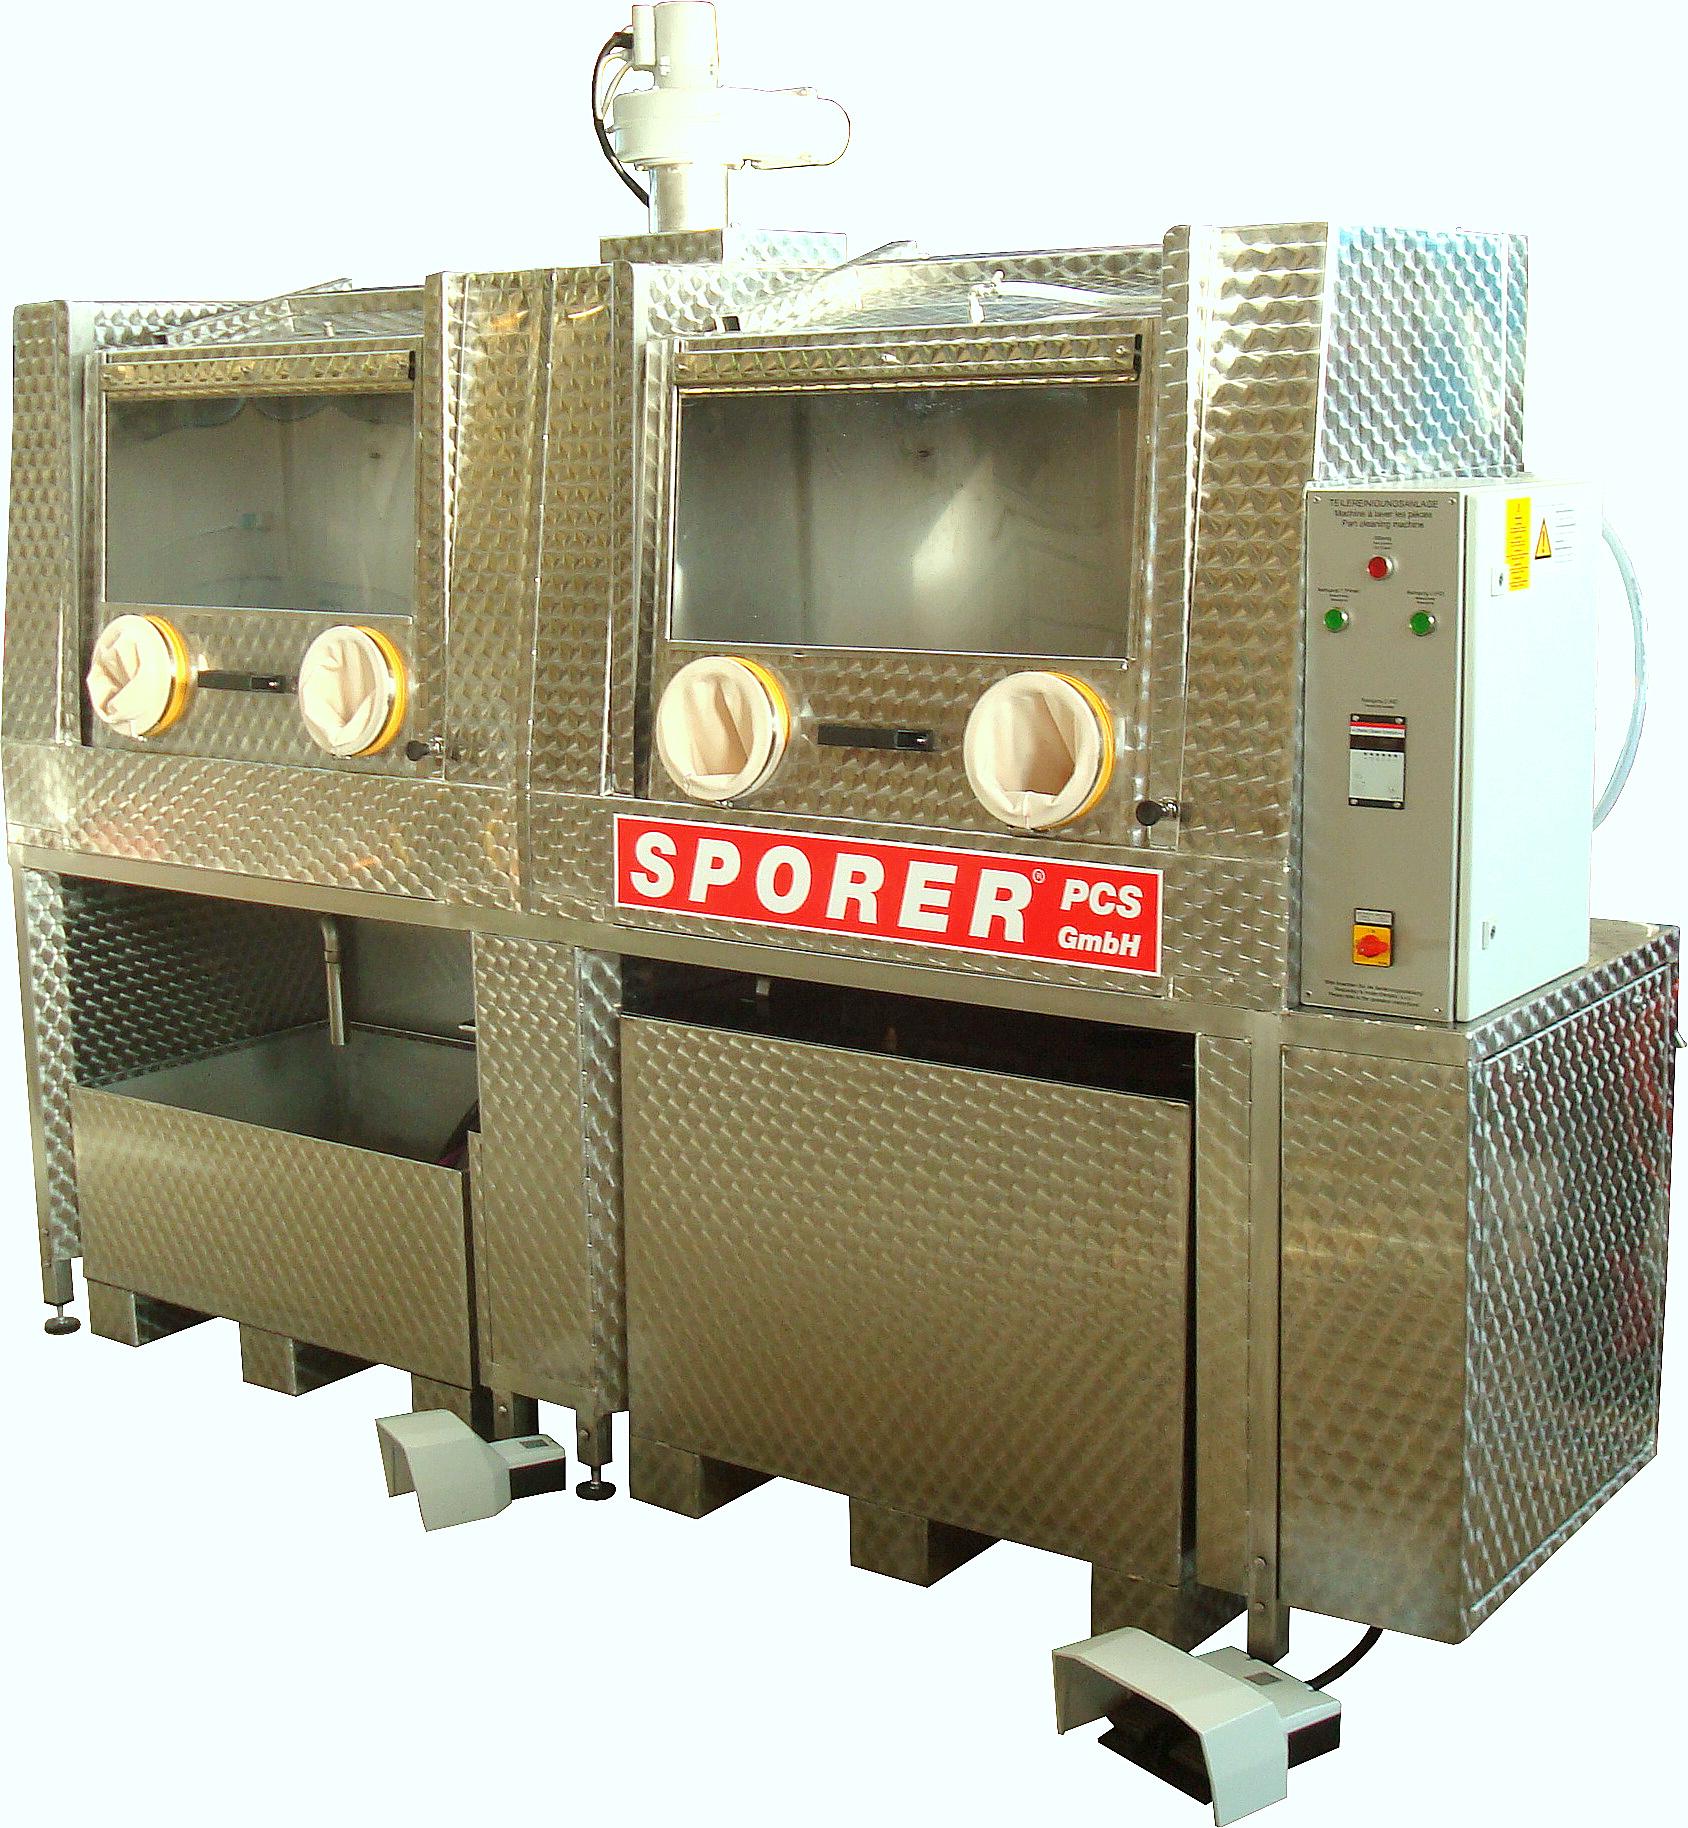 Doppelte Sonder-Powerbox mit manueller Reinigungsfunktion sowie HD-Reinigung mit